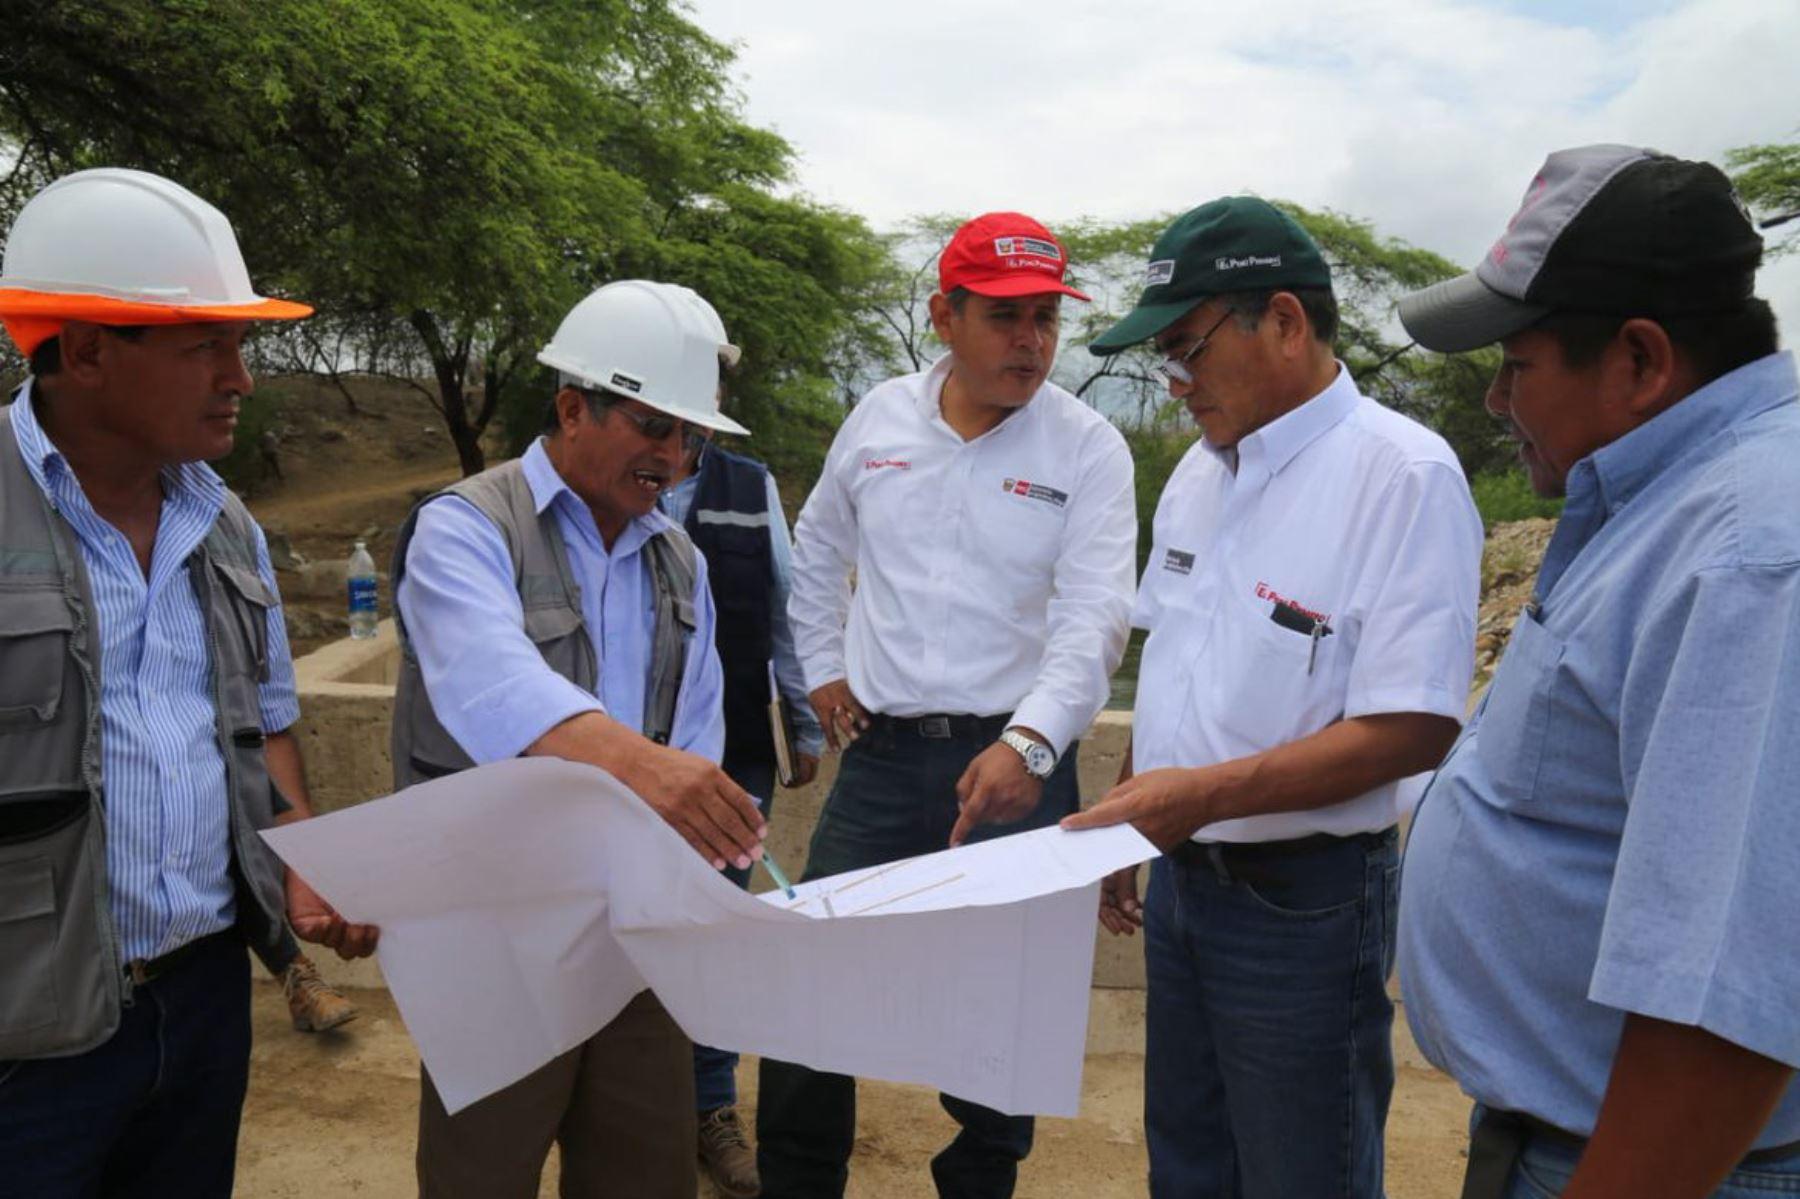 El ministro de Agricultura y Riego, Gustavo Mostajo supervisó hoy las obras de reconstrucción que efectúa su sector en Piura, comprobando el avance de estas y su pronta culminación en abril y otras en junio de este año.